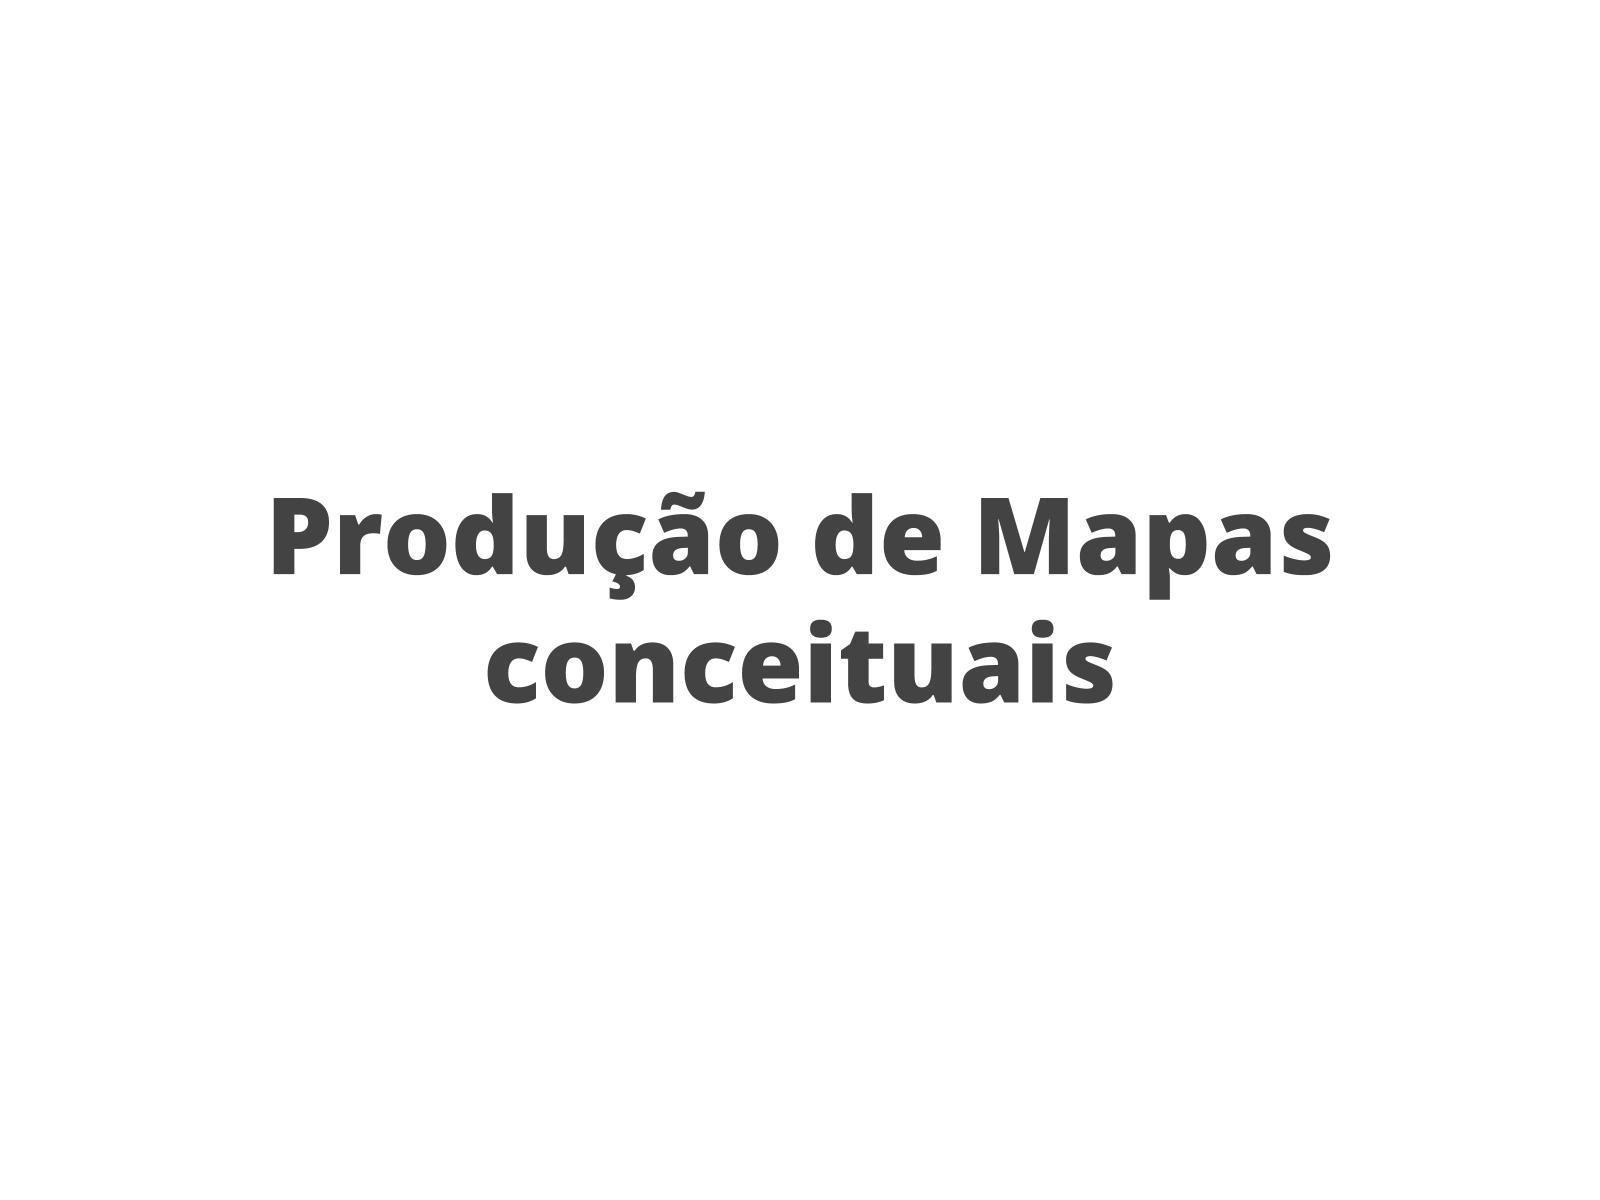 Produção de Mapas conceituais e critérios de avaliação